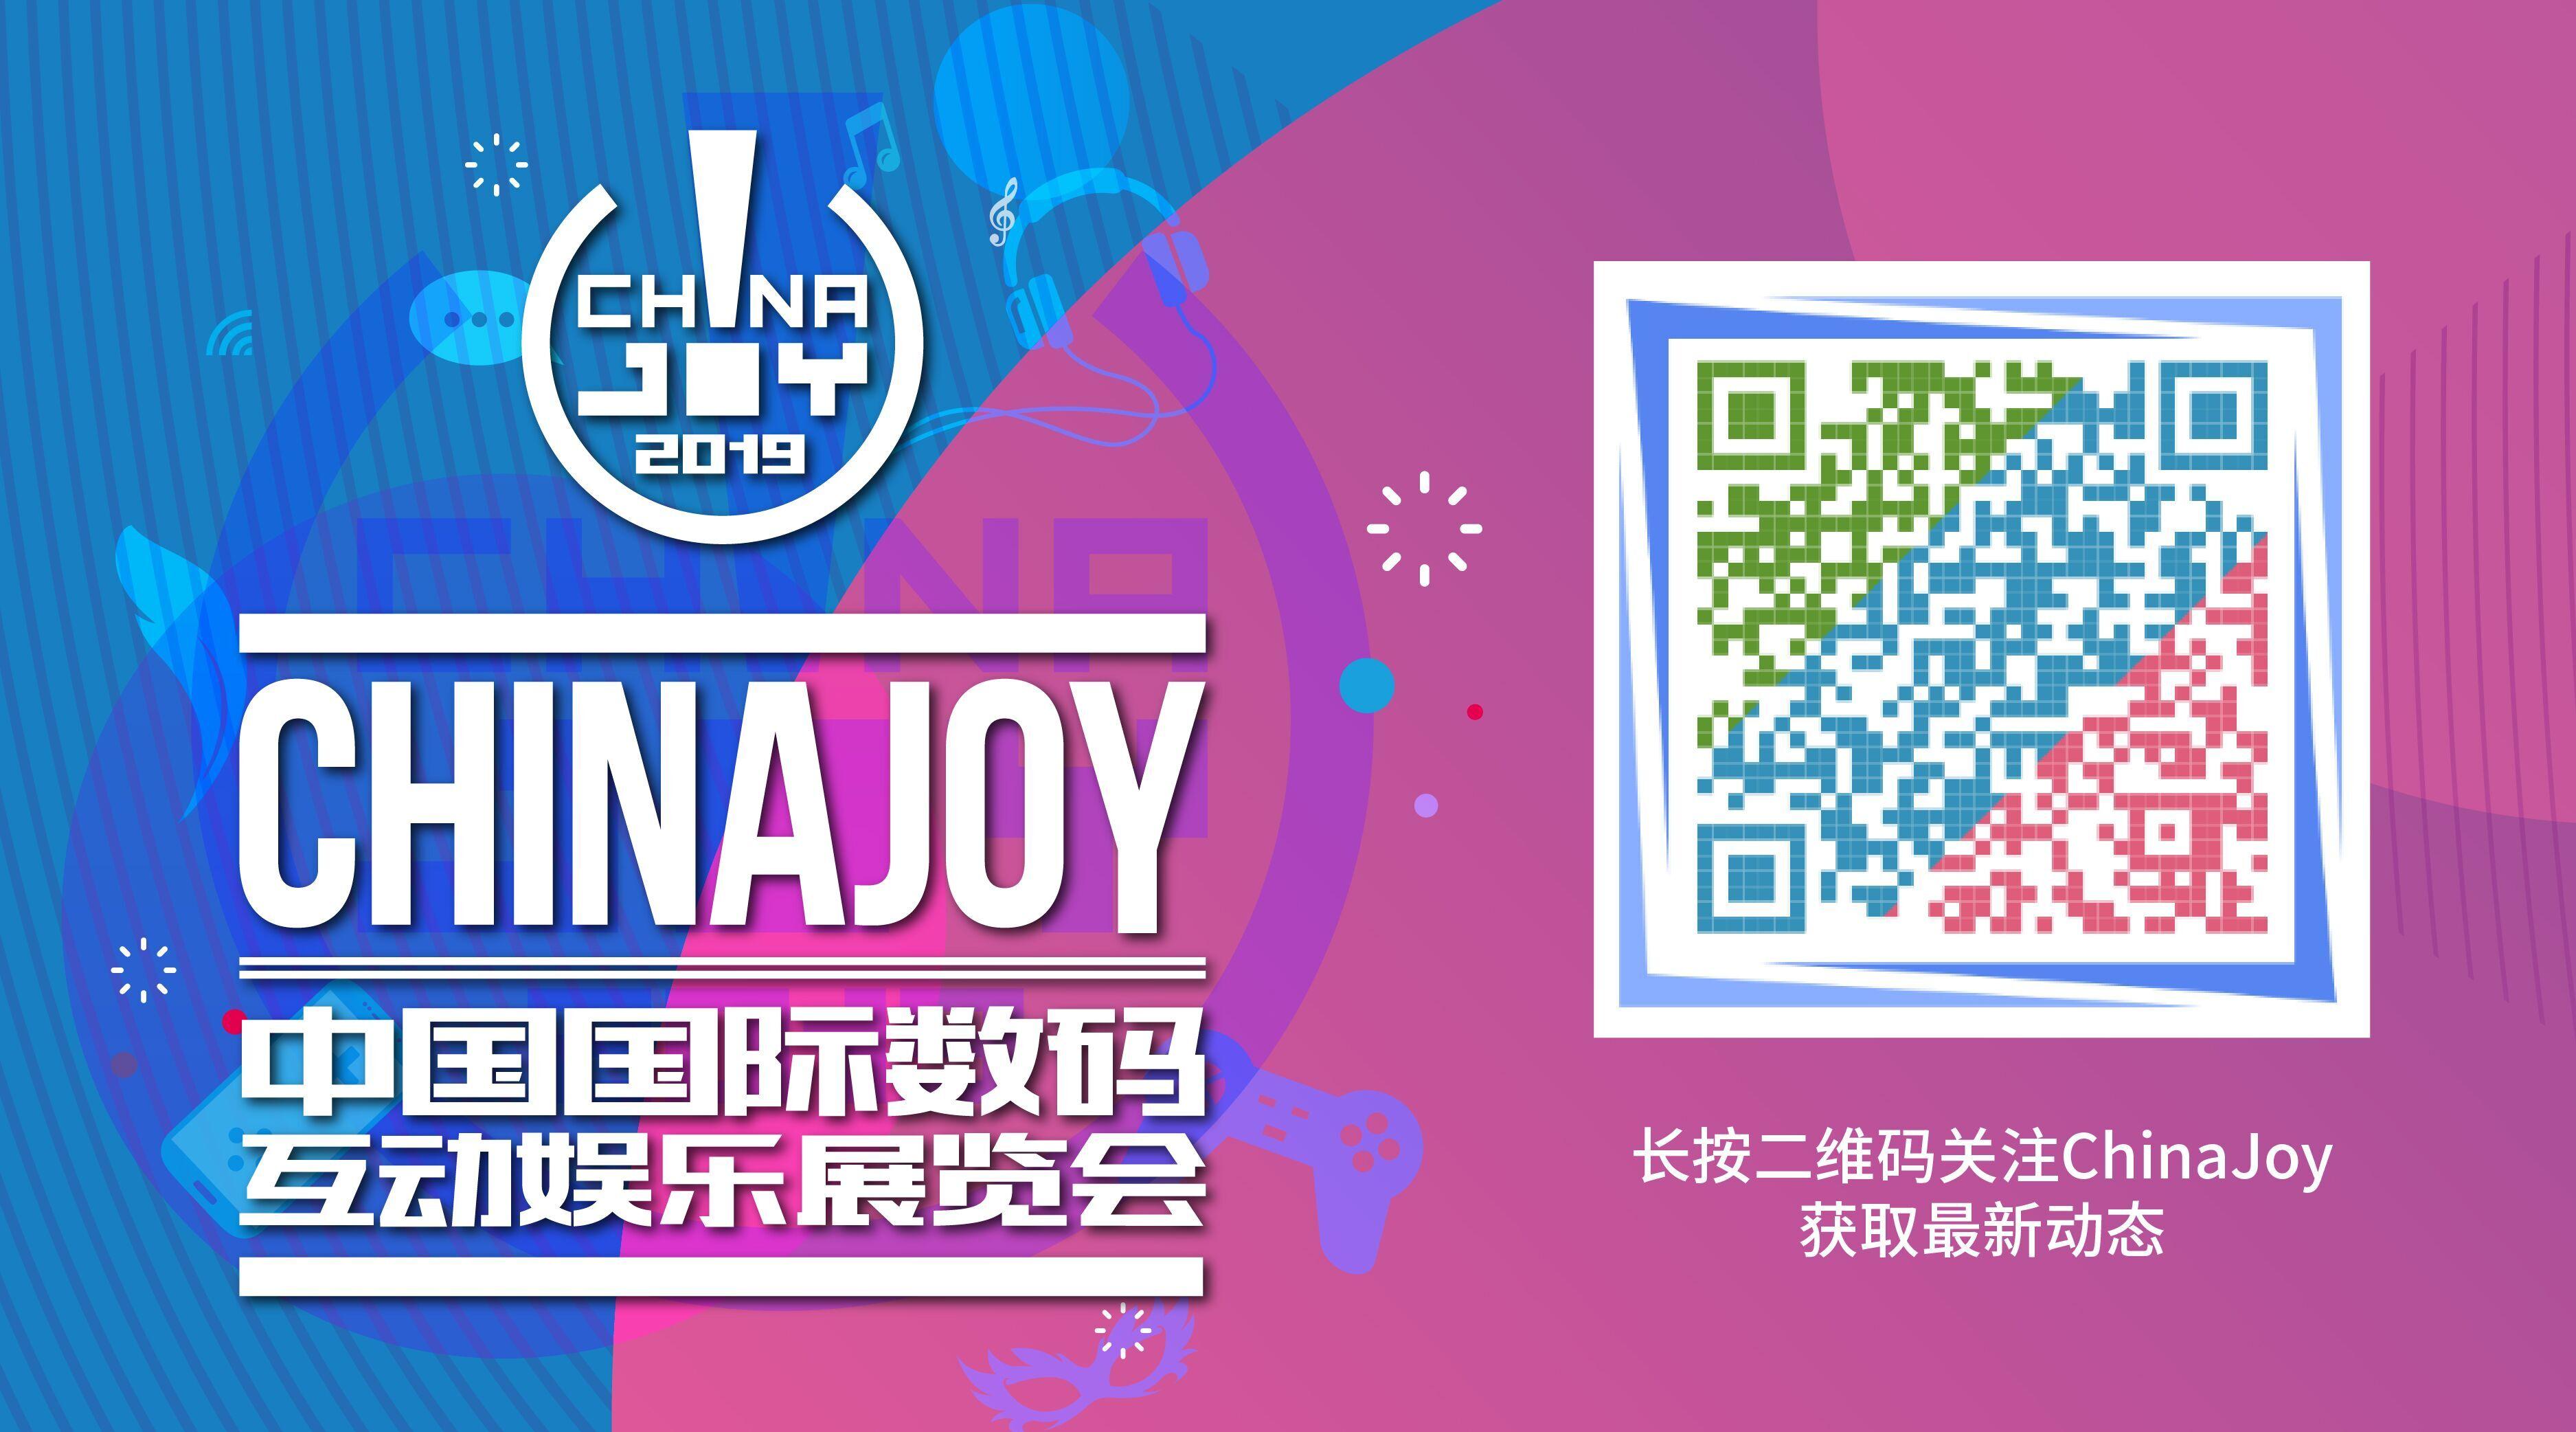 助力企业合作!2019ChinaJoyBTOB商务配对系统正式上线!